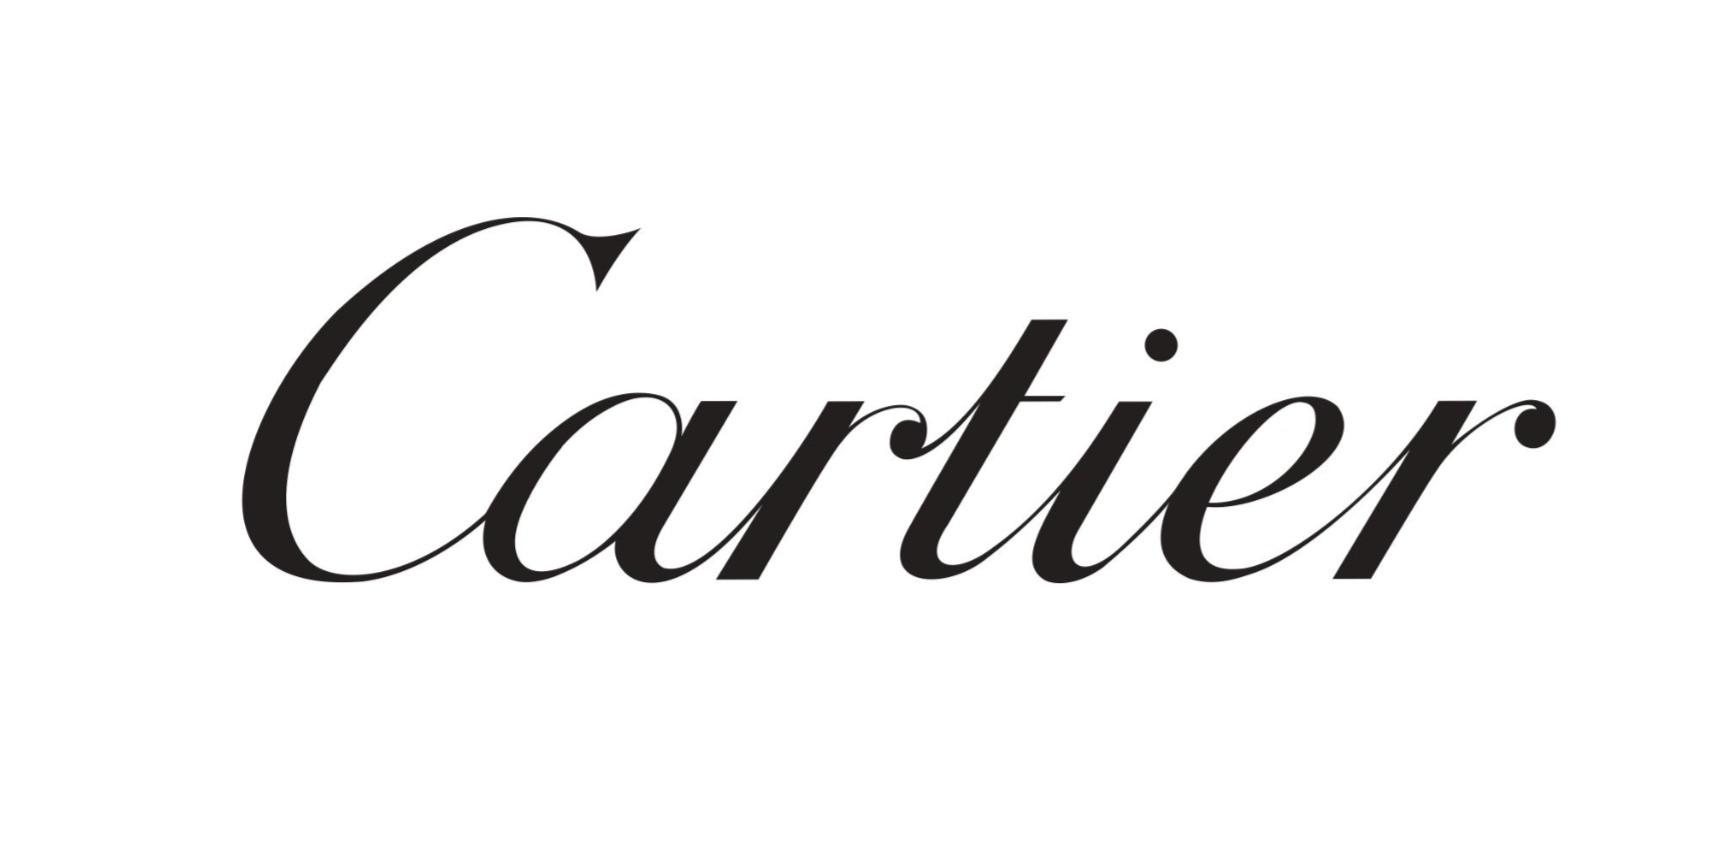 Cartier_logo_edited.jpg